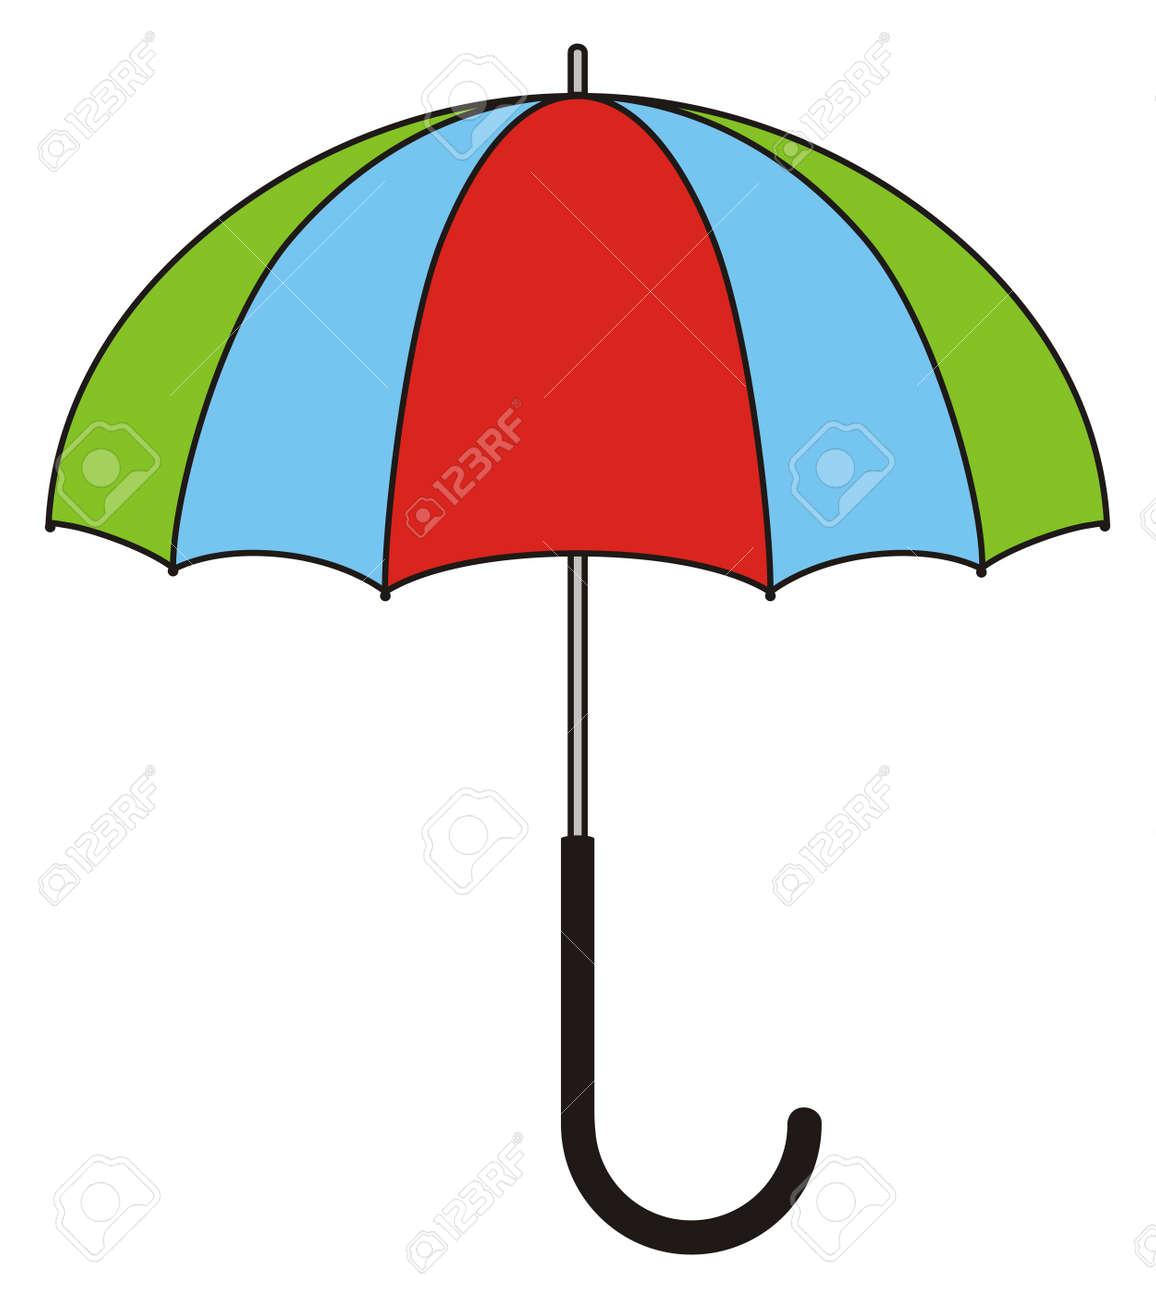 enfants illustration parapluie color banque dimages 16194493 - Parapluie Color